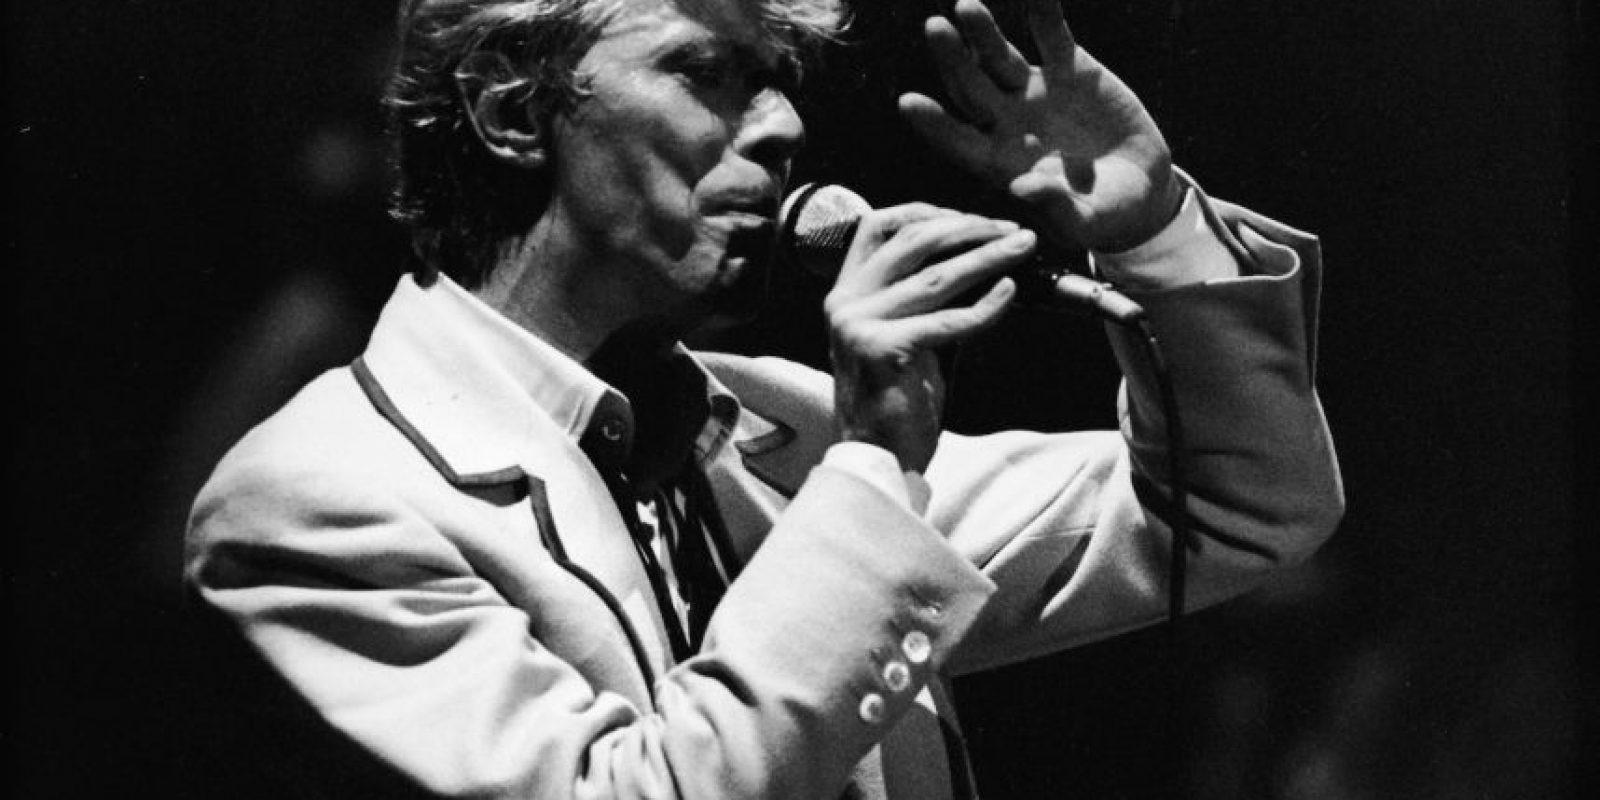 """""""Ziggy Stardust"""" es la historia de un alien de ambigua sexualidad y ansias de rock star, introductor y protagonista de la sensual y galáctica materia con destino apocalíptico. Foto:Getty Images"""